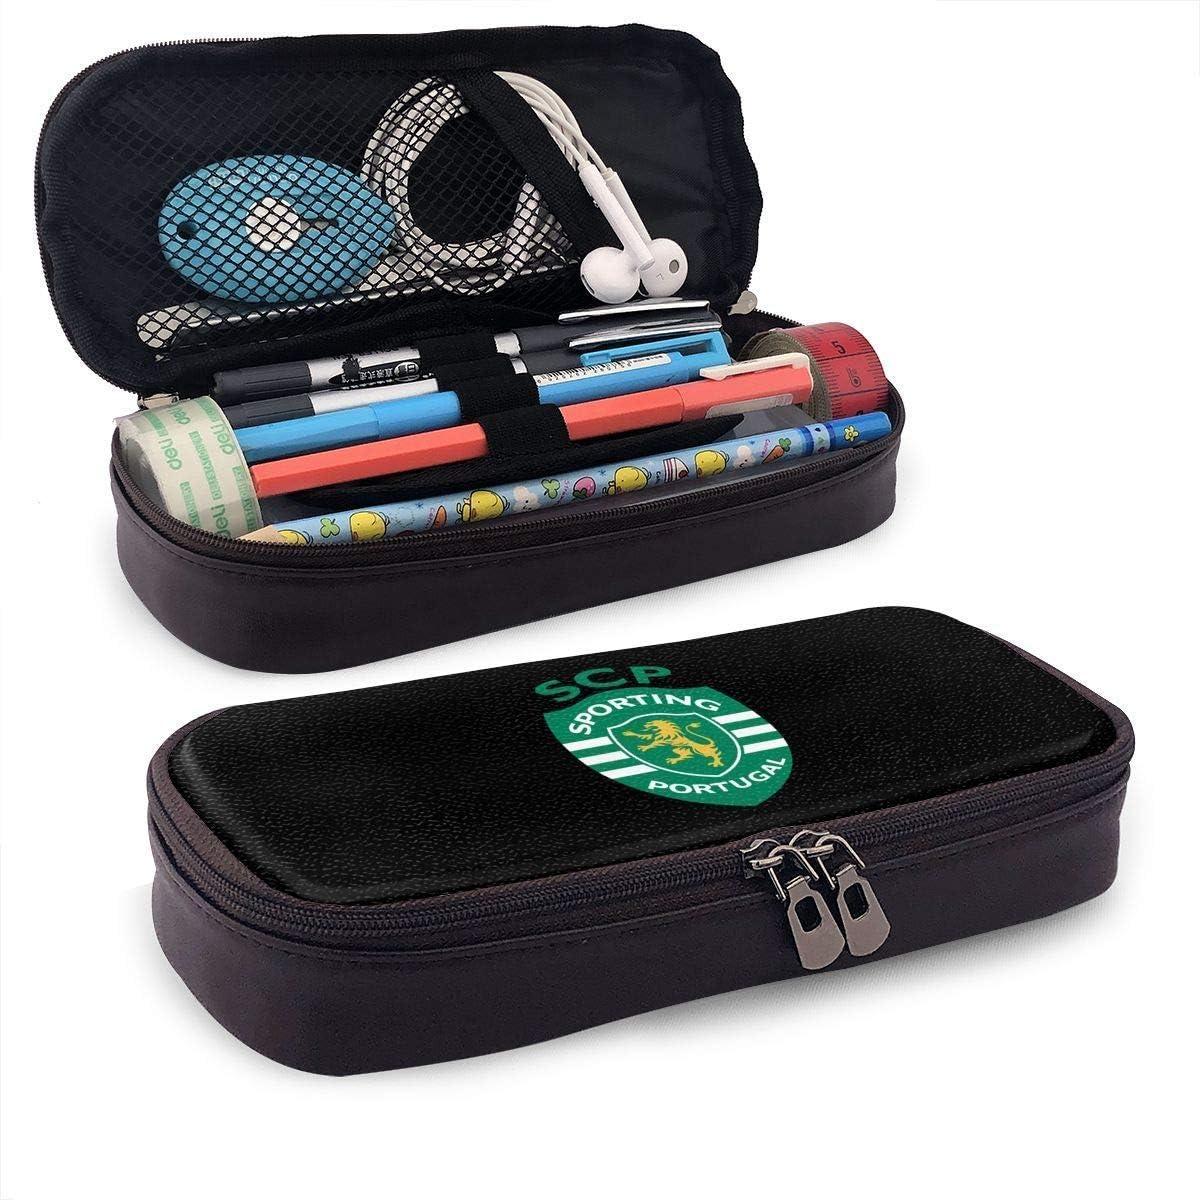 /Étui /à crayons en cuir pochette stylo titulaire organisateur sac /à fermeture /éclair pour les adolescents filles gar/çon enfant Kid SCP Sporting Lisbonne